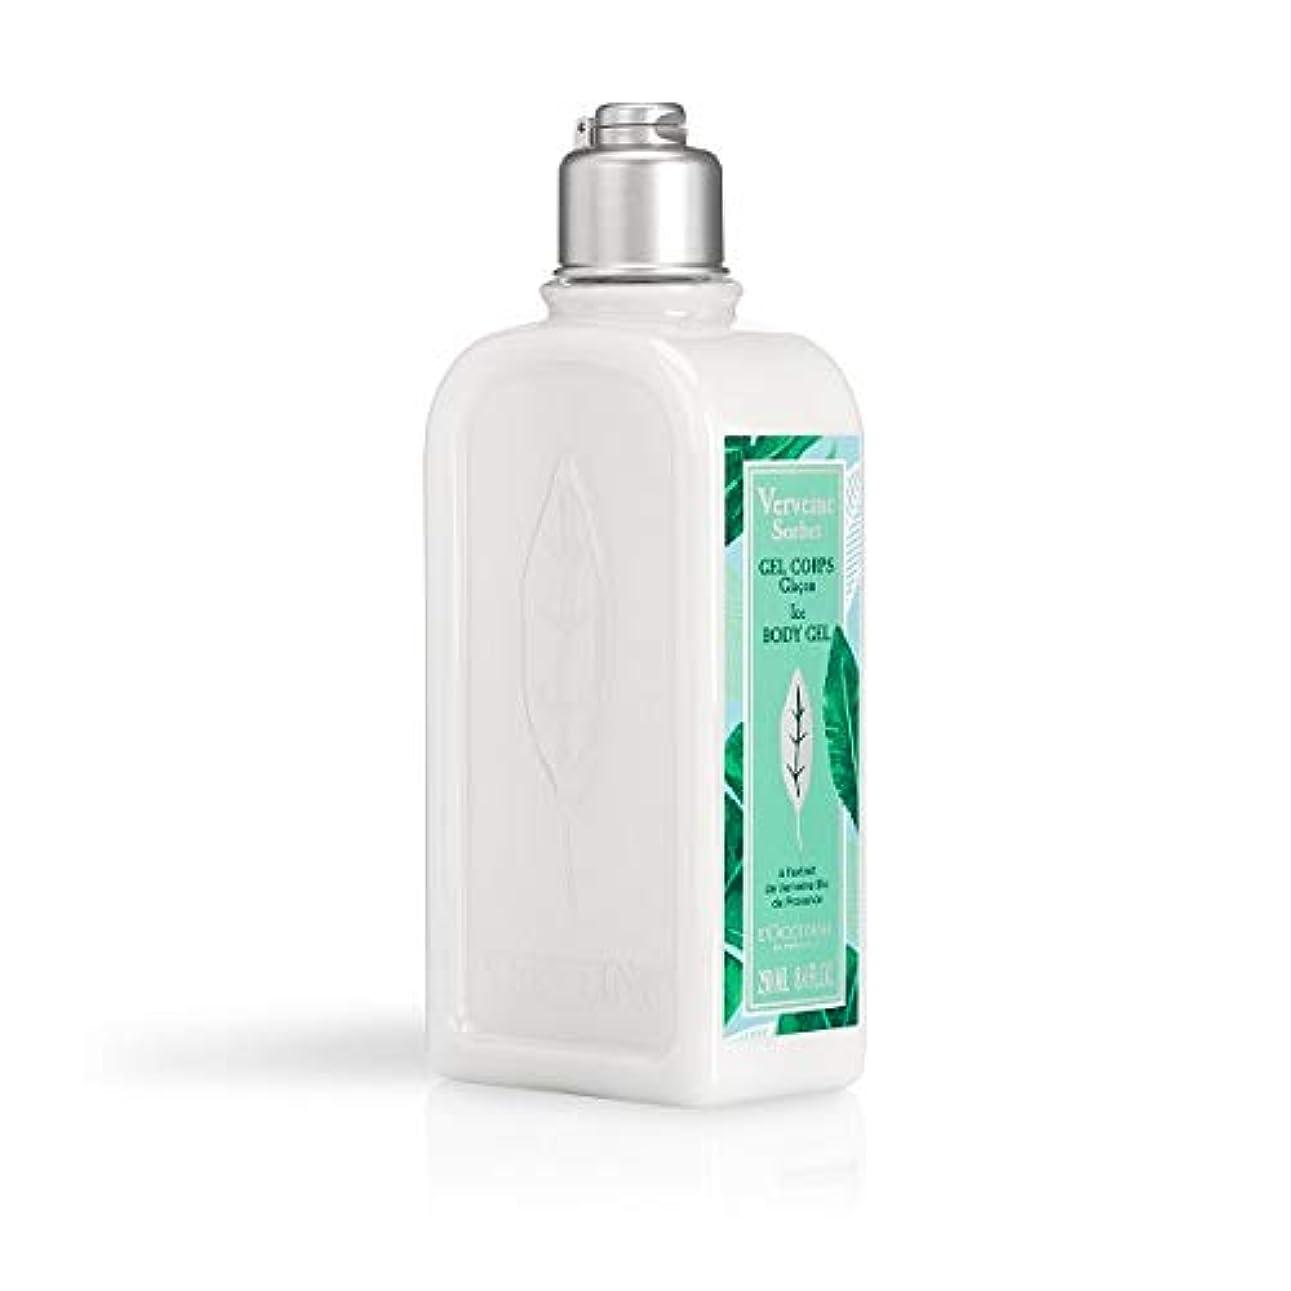 退屈巡礼者マークロクシタン(L'OCCITANE) ミントウ゛ァーベナ ソルベボディジェル 250ml(ボディ用乳液)